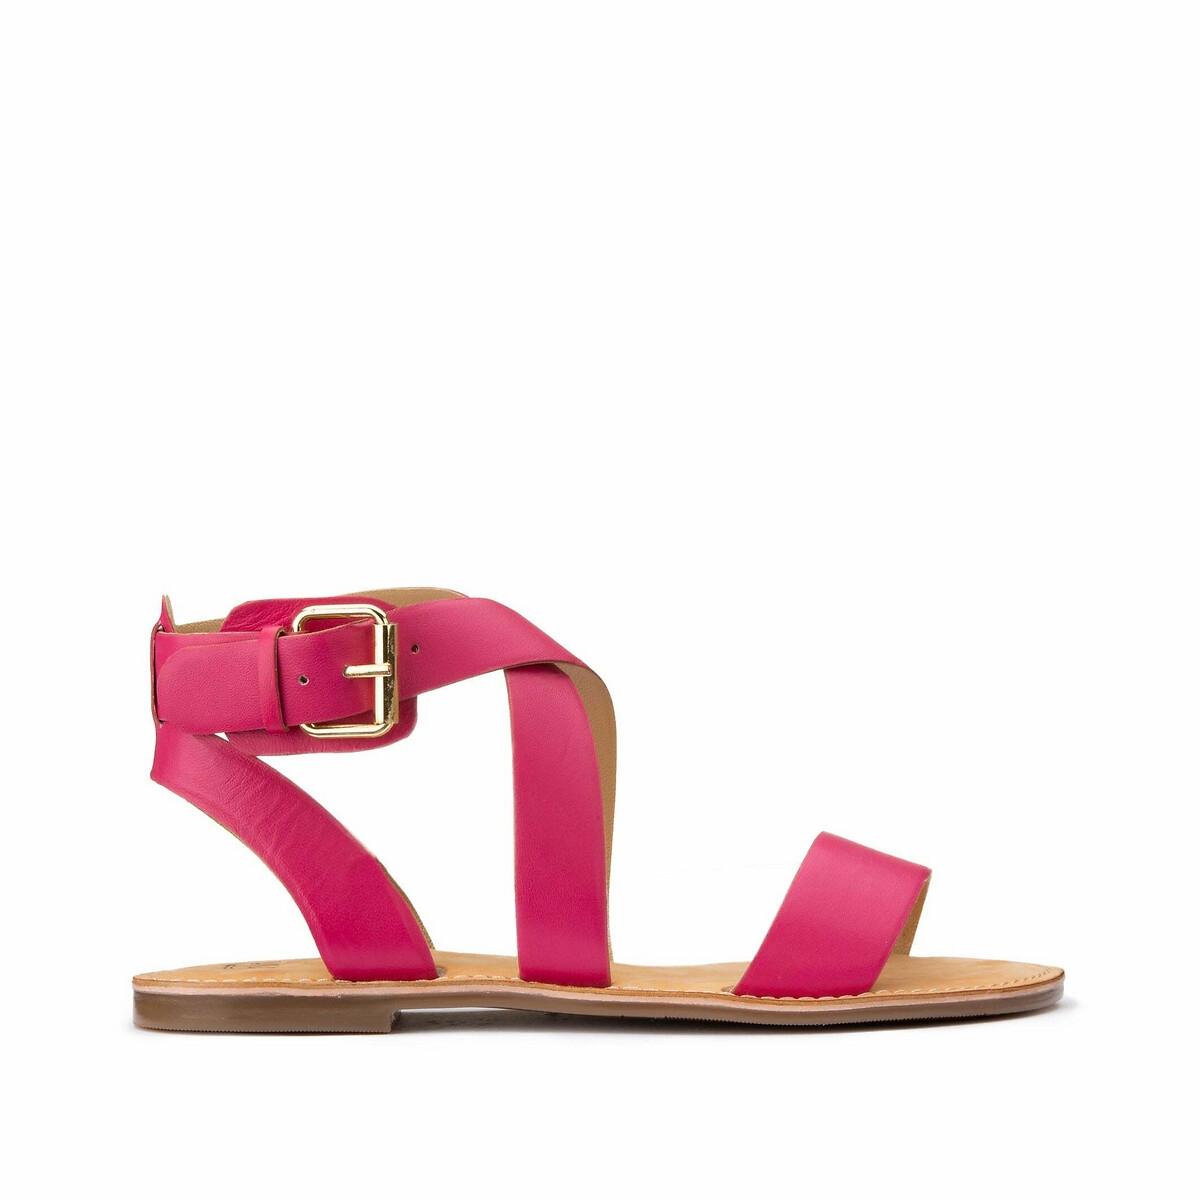 Сандалии LaRedoute С перекрещенными ремешками из кожи на плоском каблуке для широкой стопы 45 розовый балетки laredoute с завязкой вокруг щиколотки на плоском каблуке 37 розовый